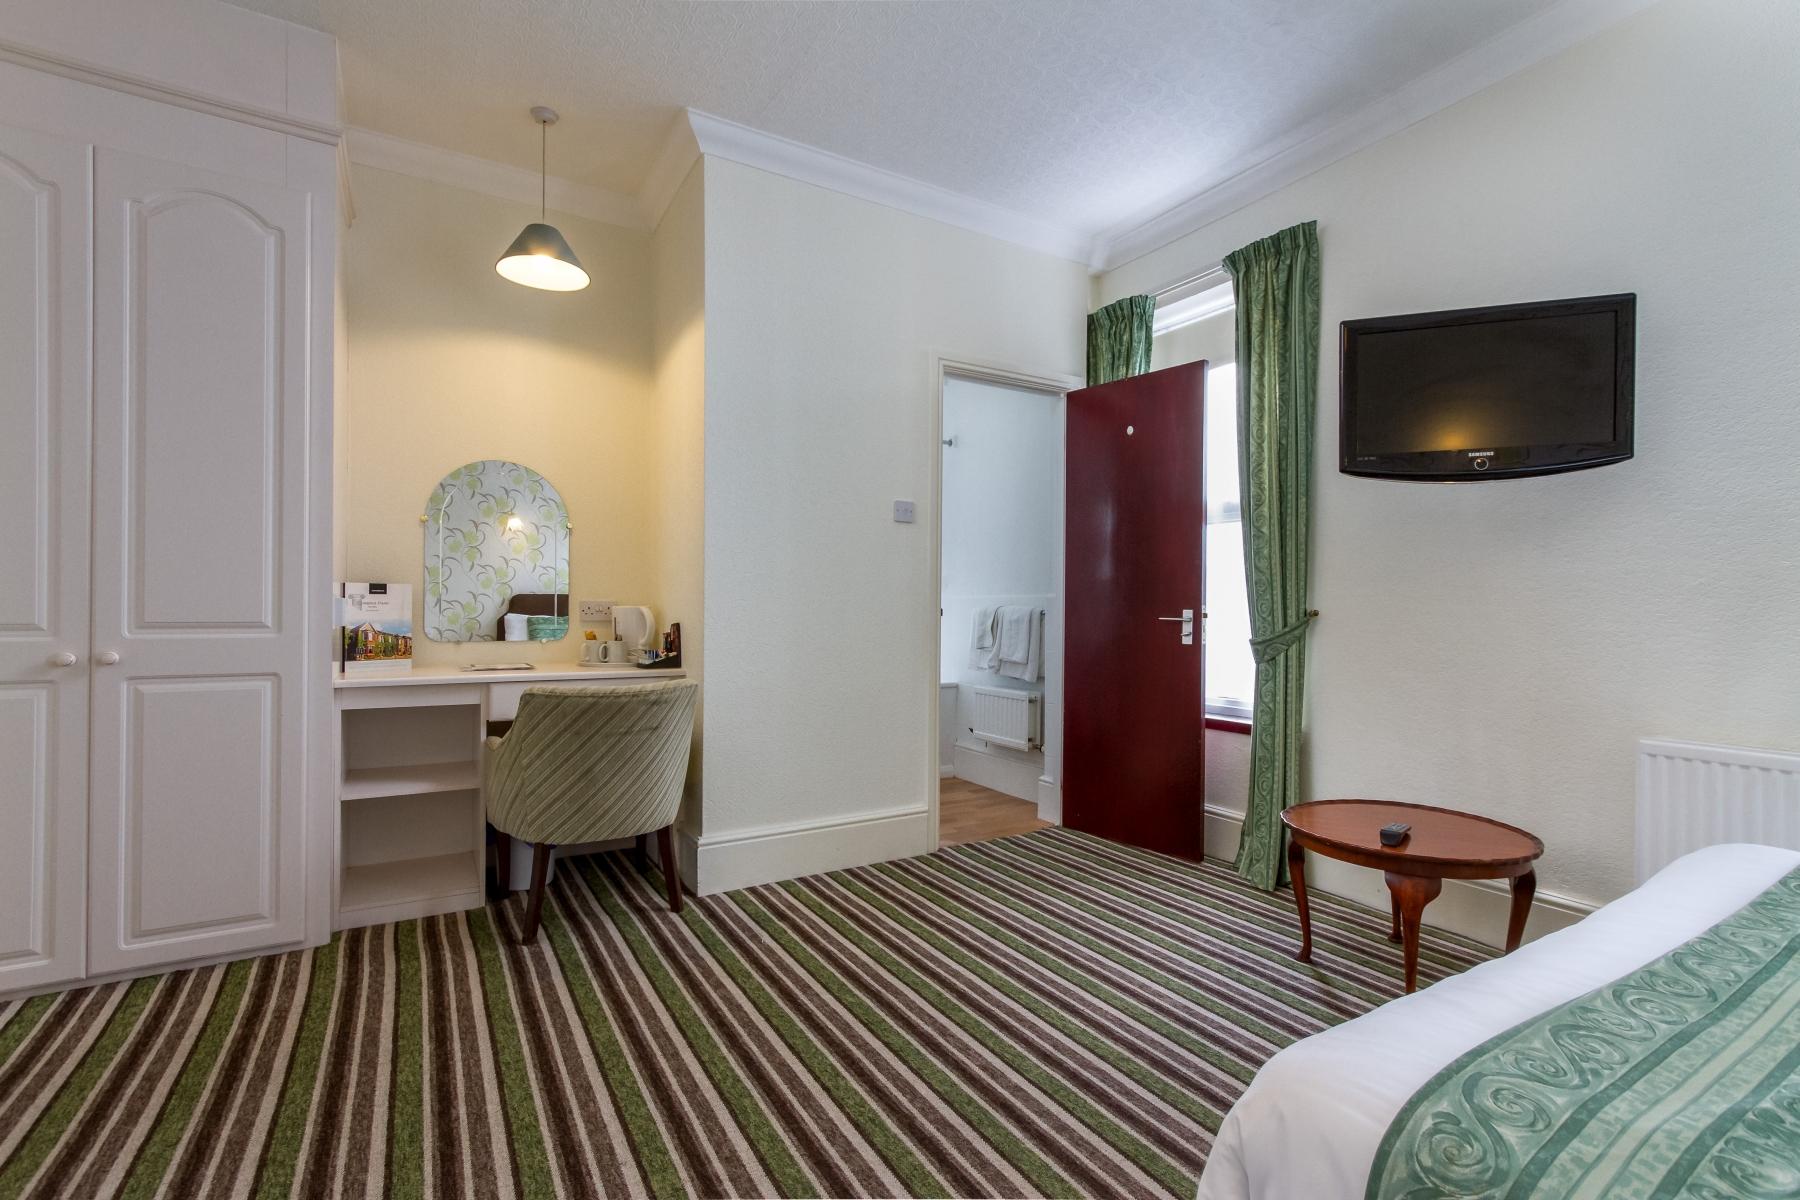 Cumbria-Park-Hotel-1842